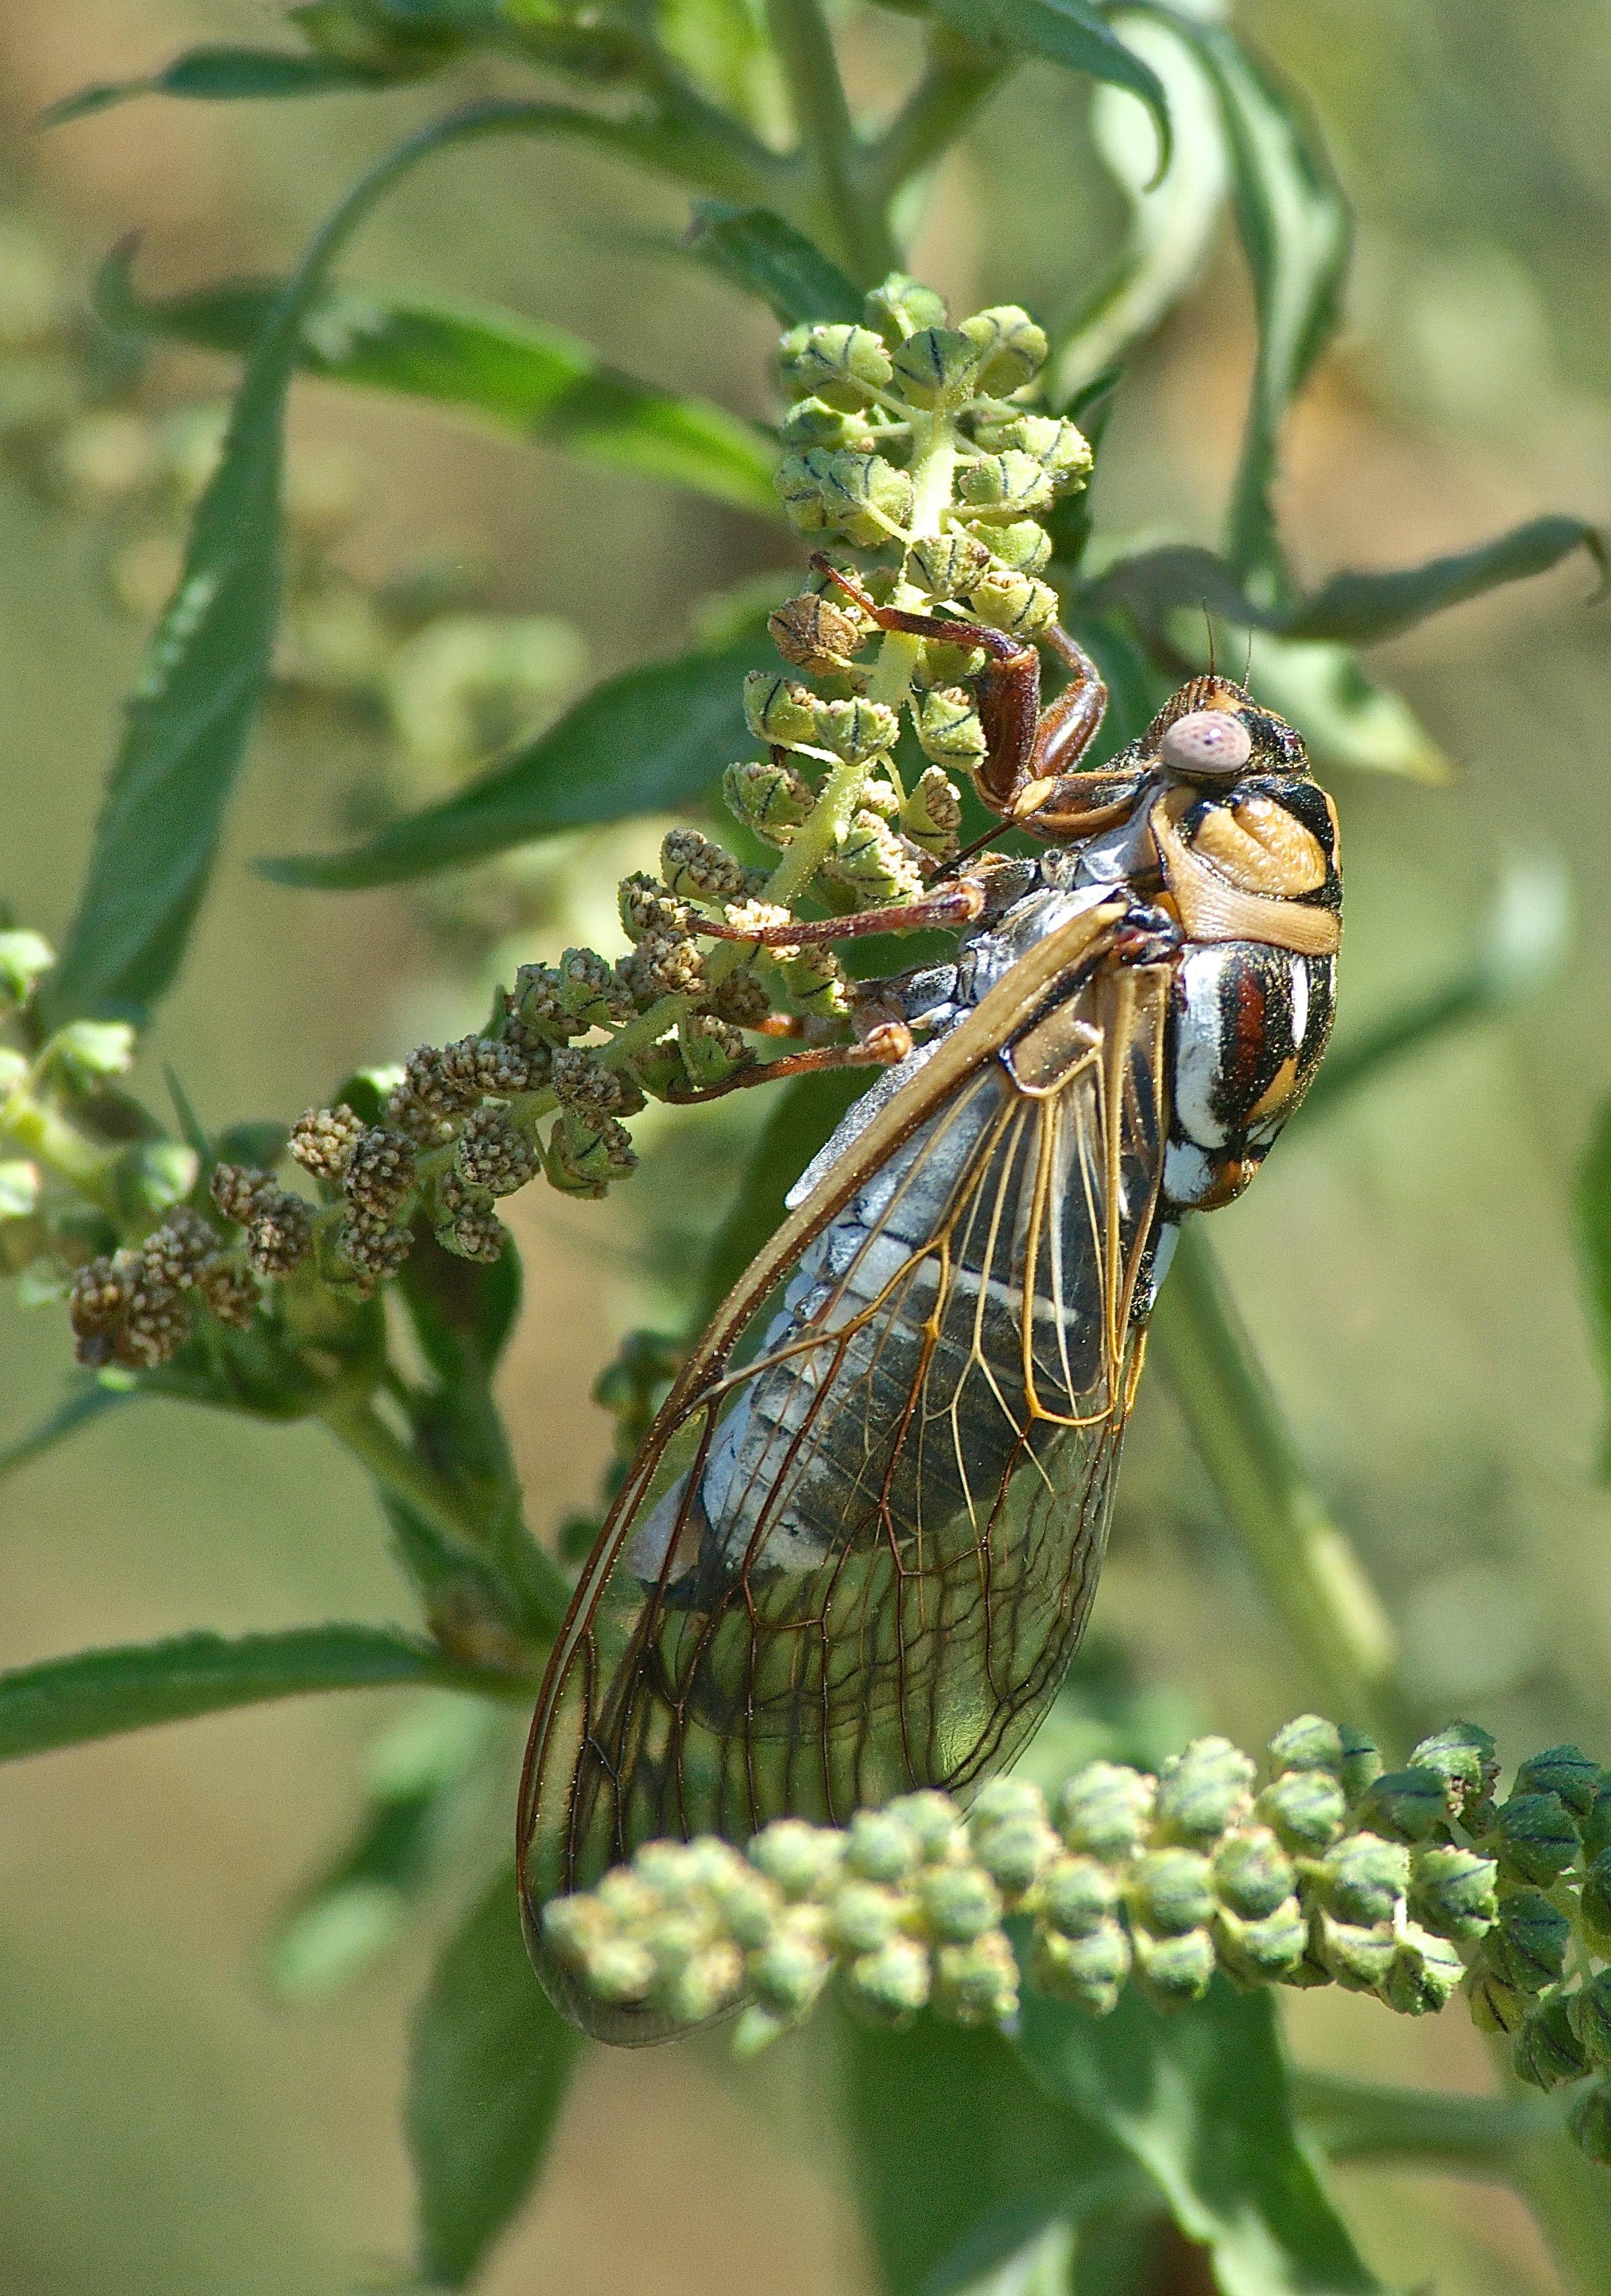 Cicada on Ragweed